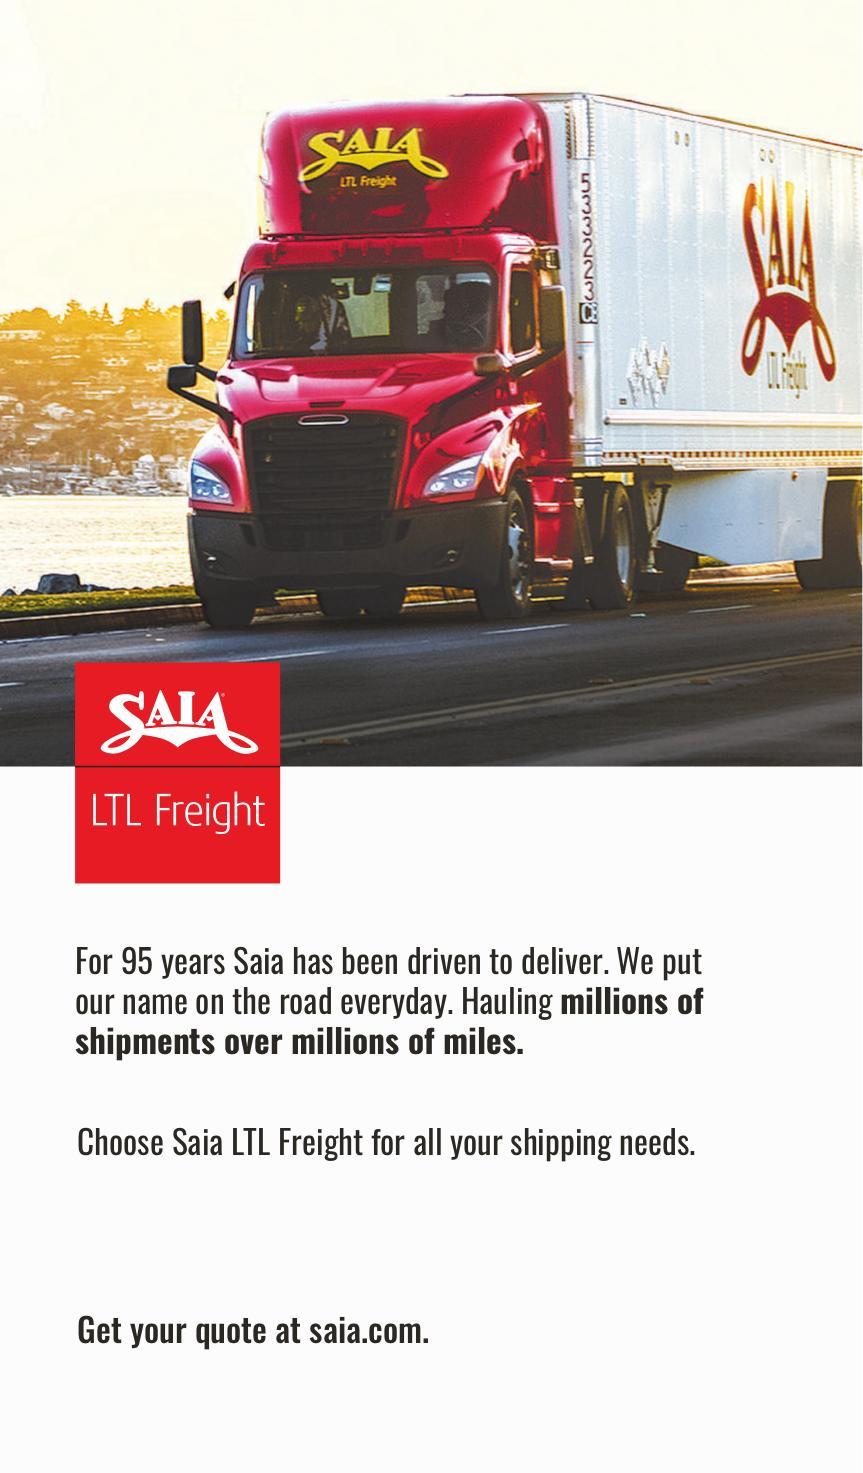 Saia Ltl Freight - Mbi